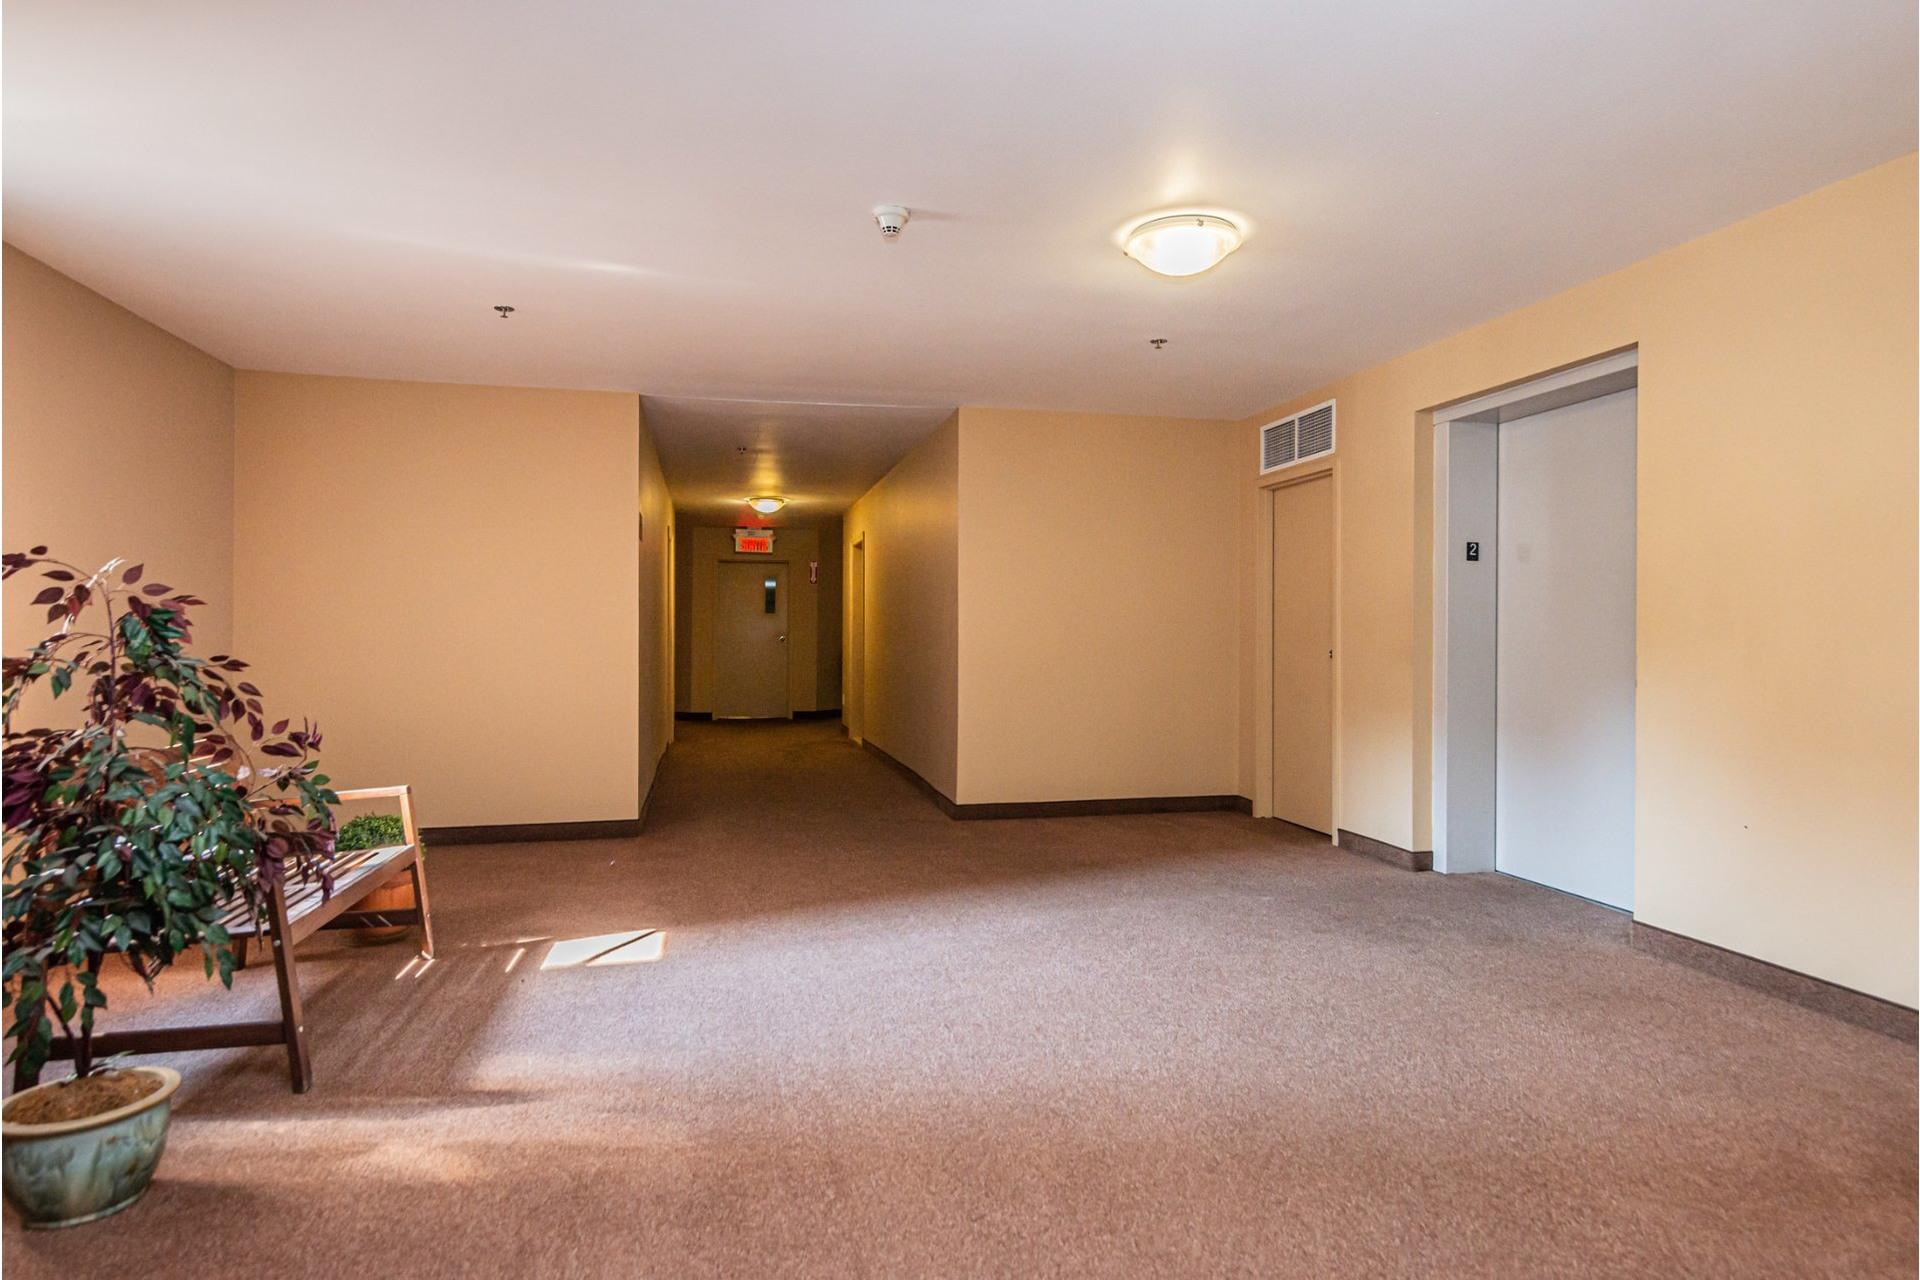 image 20 - Appartement À vendre Mercier/Hochelaga-Maisonneuve Montréal  - 4 pièces